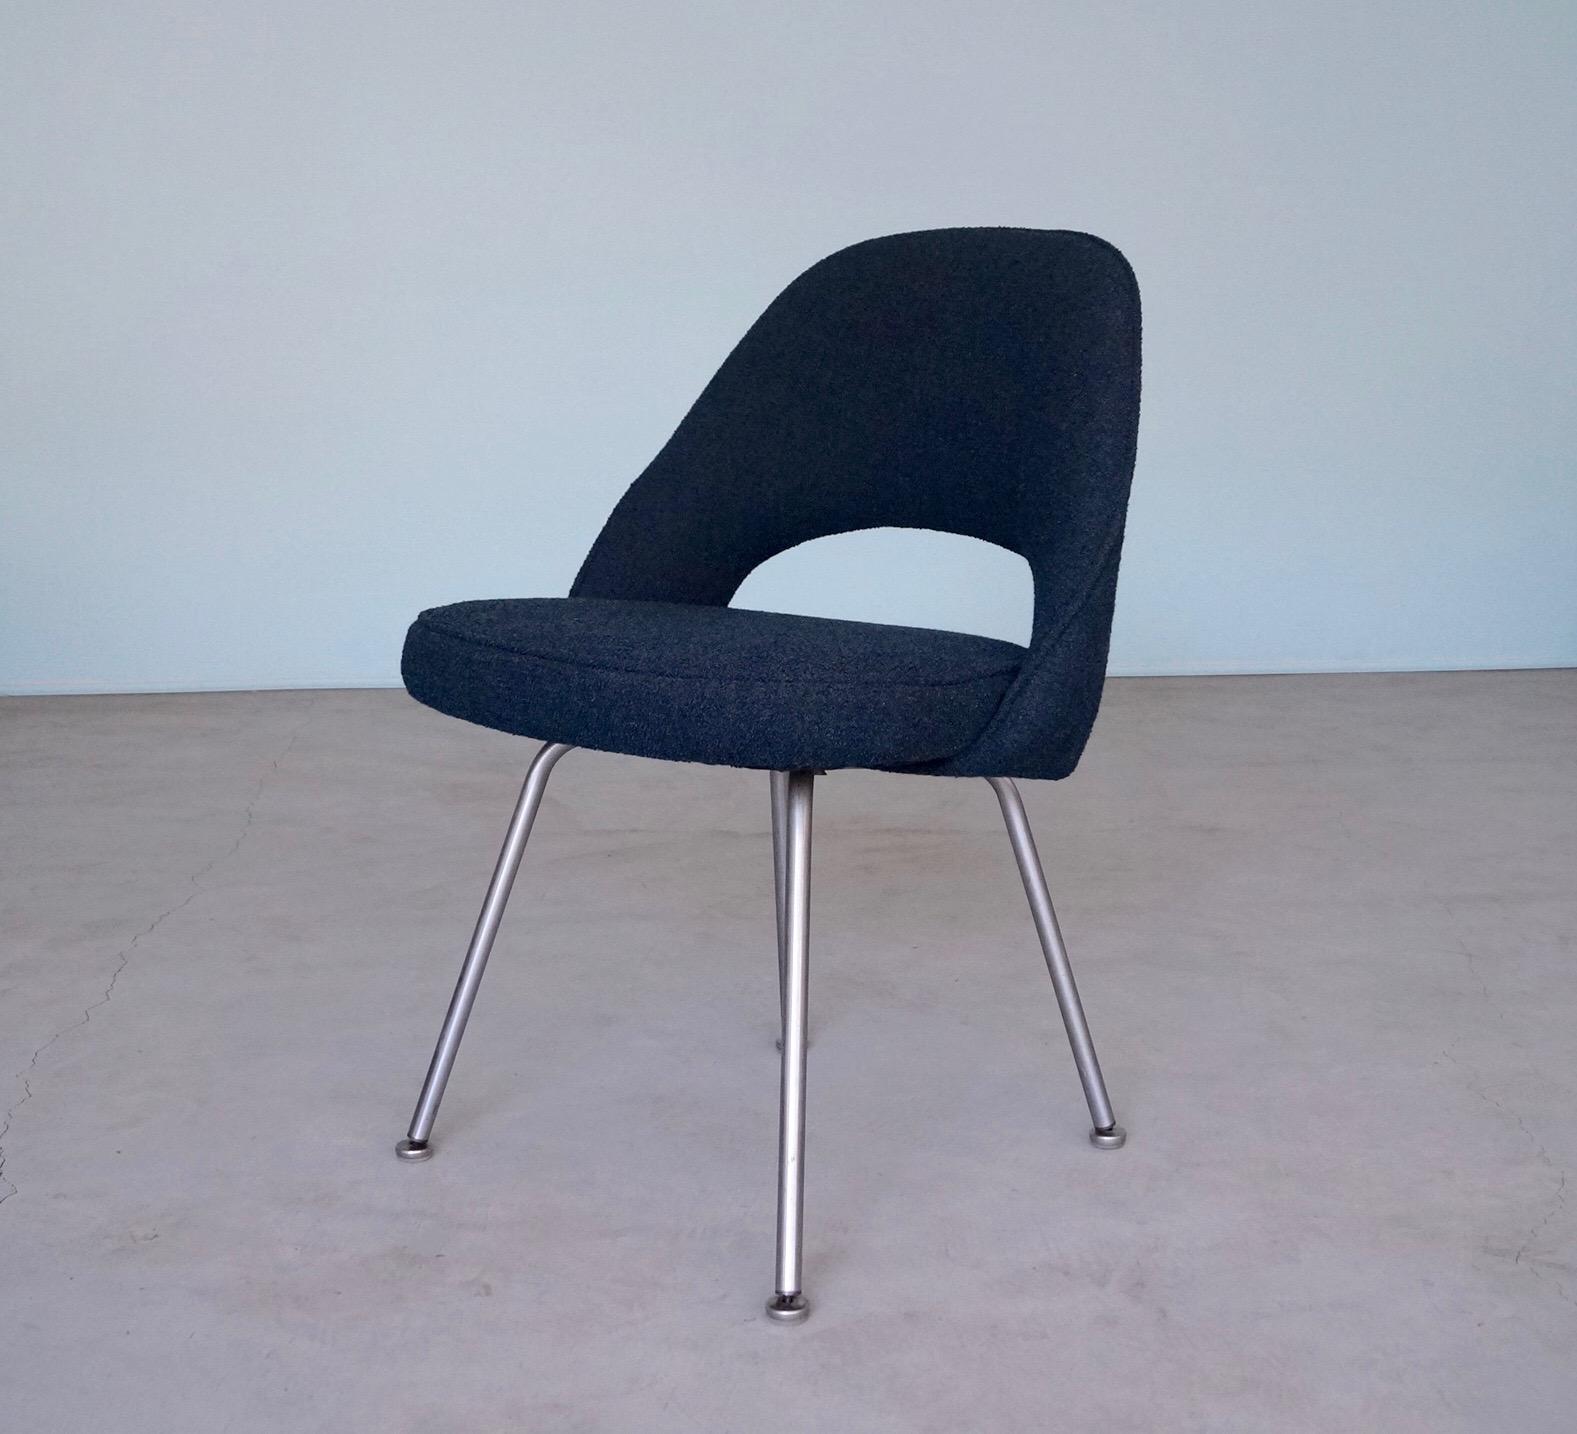 Cyclic Furniture